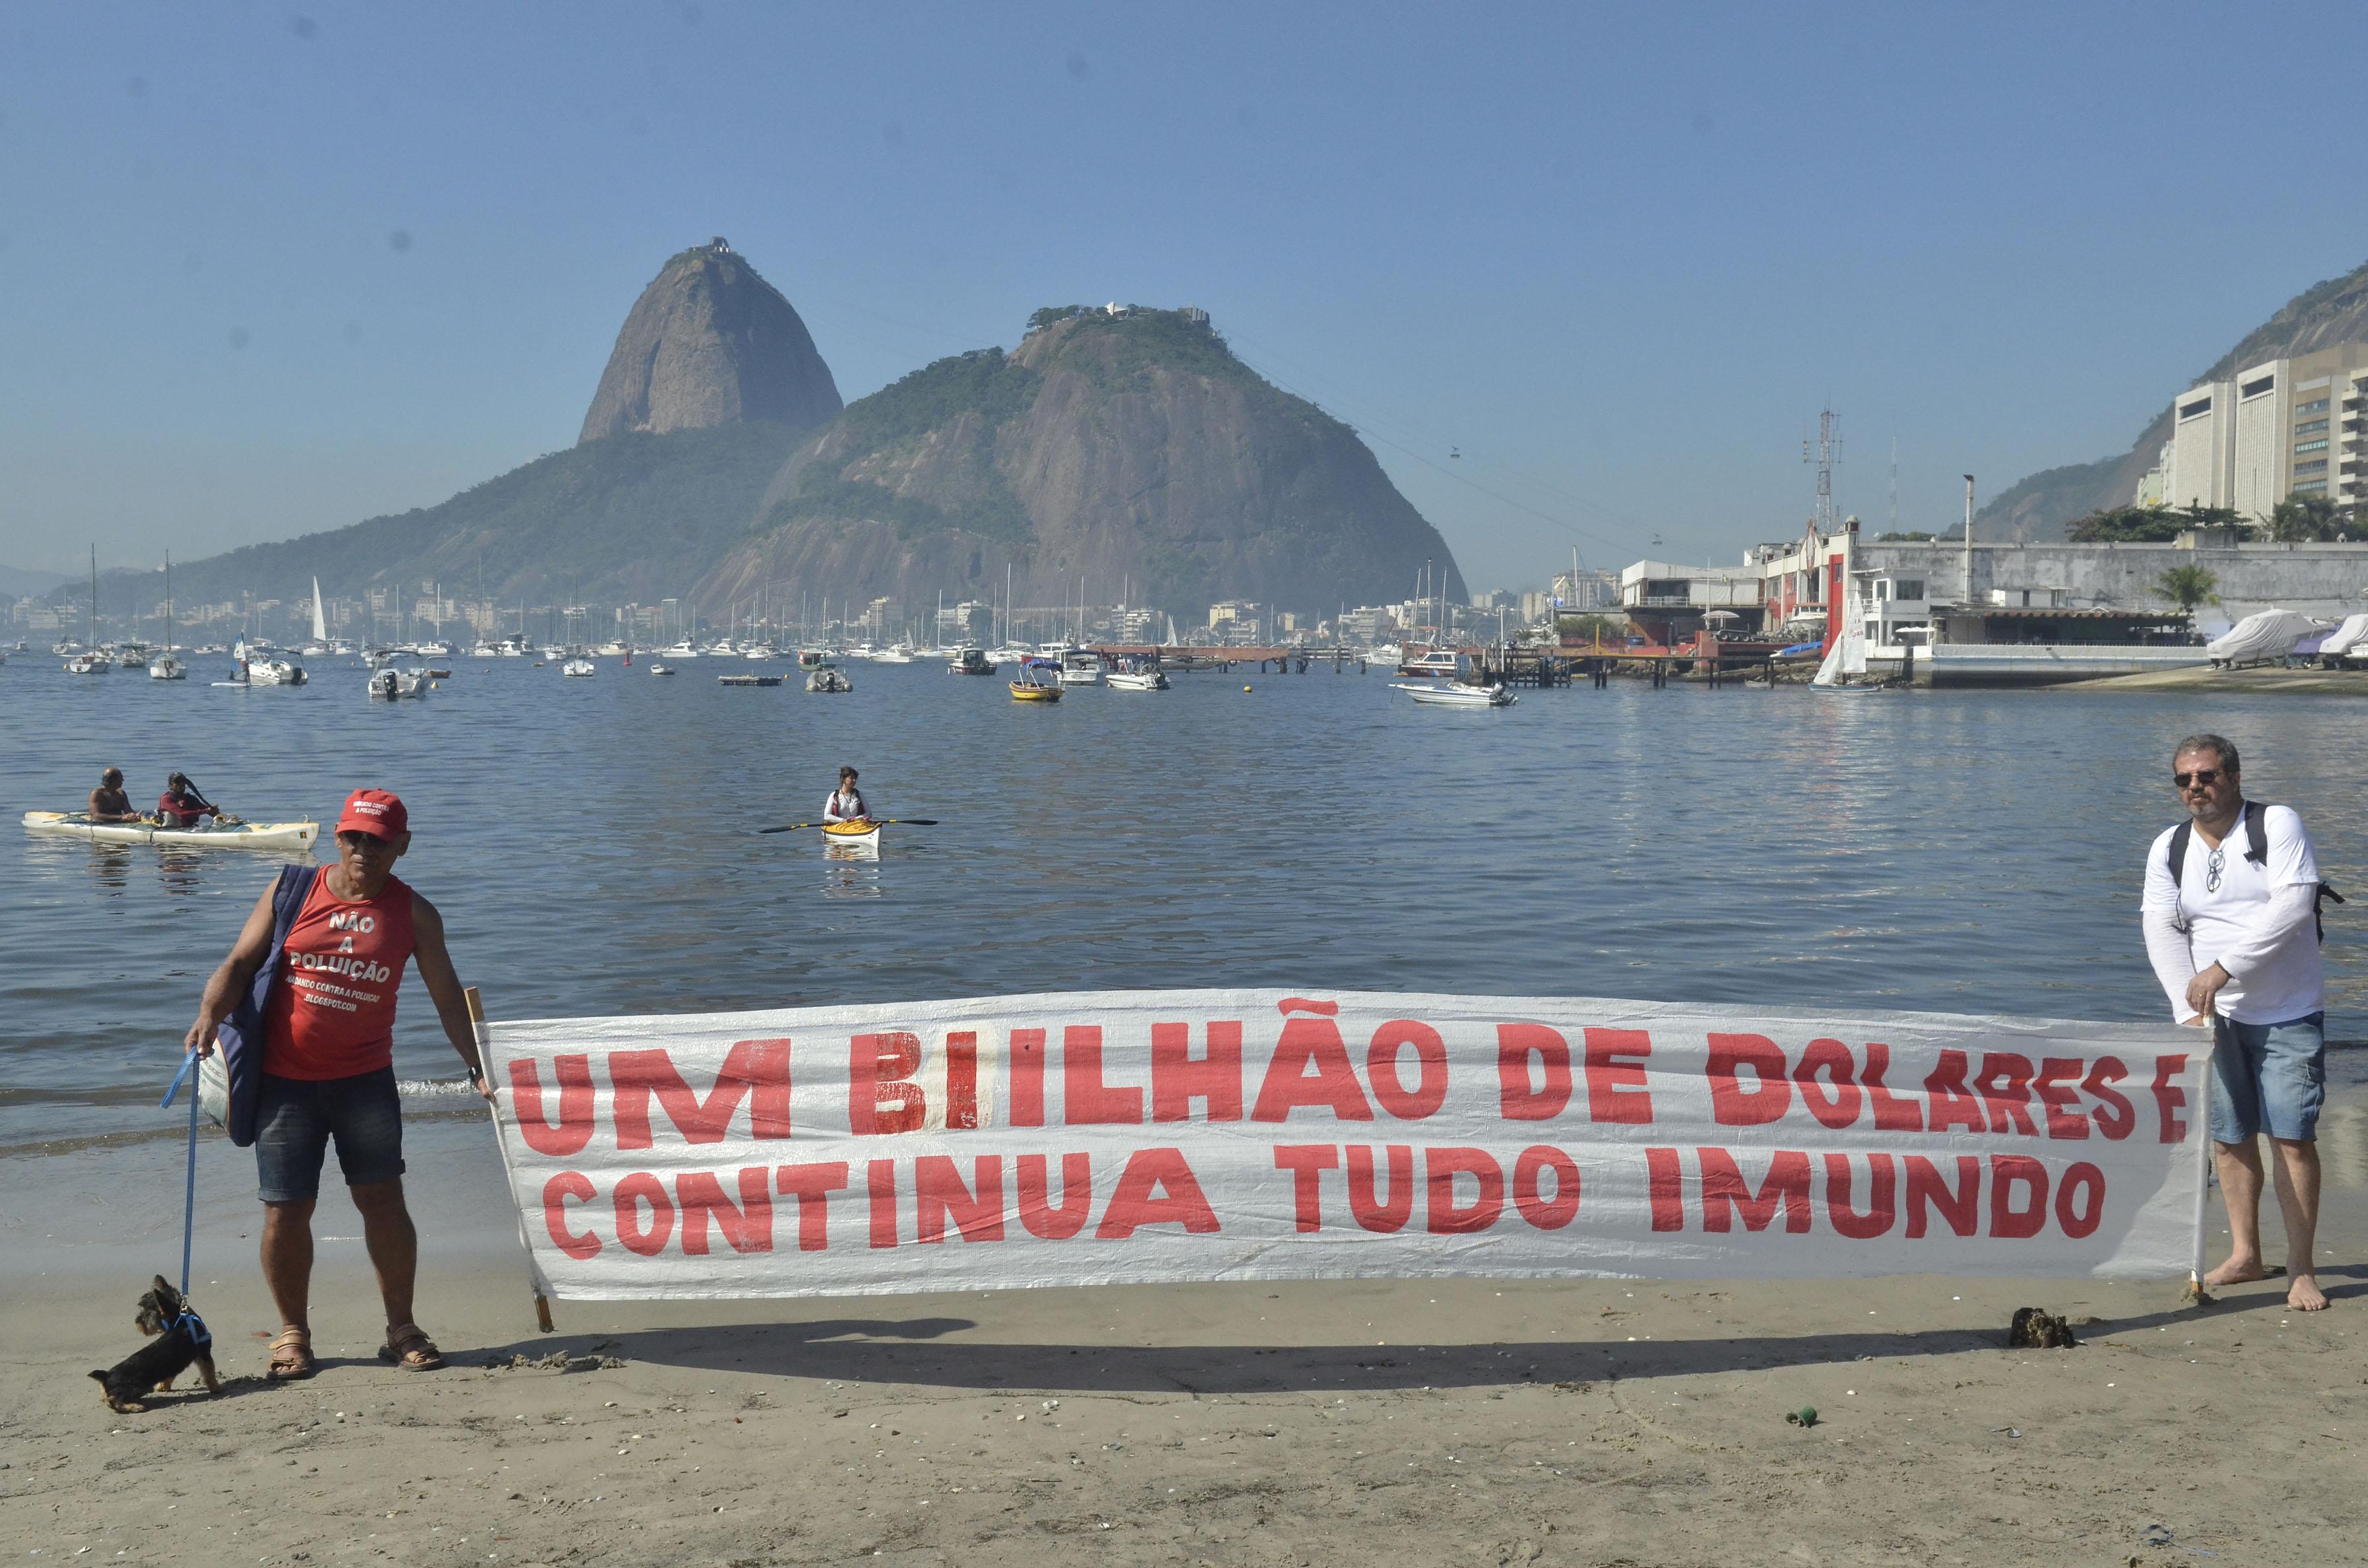 RJ não cumpriu nenhuma meta ambiental estabelecida para a Olimpíada